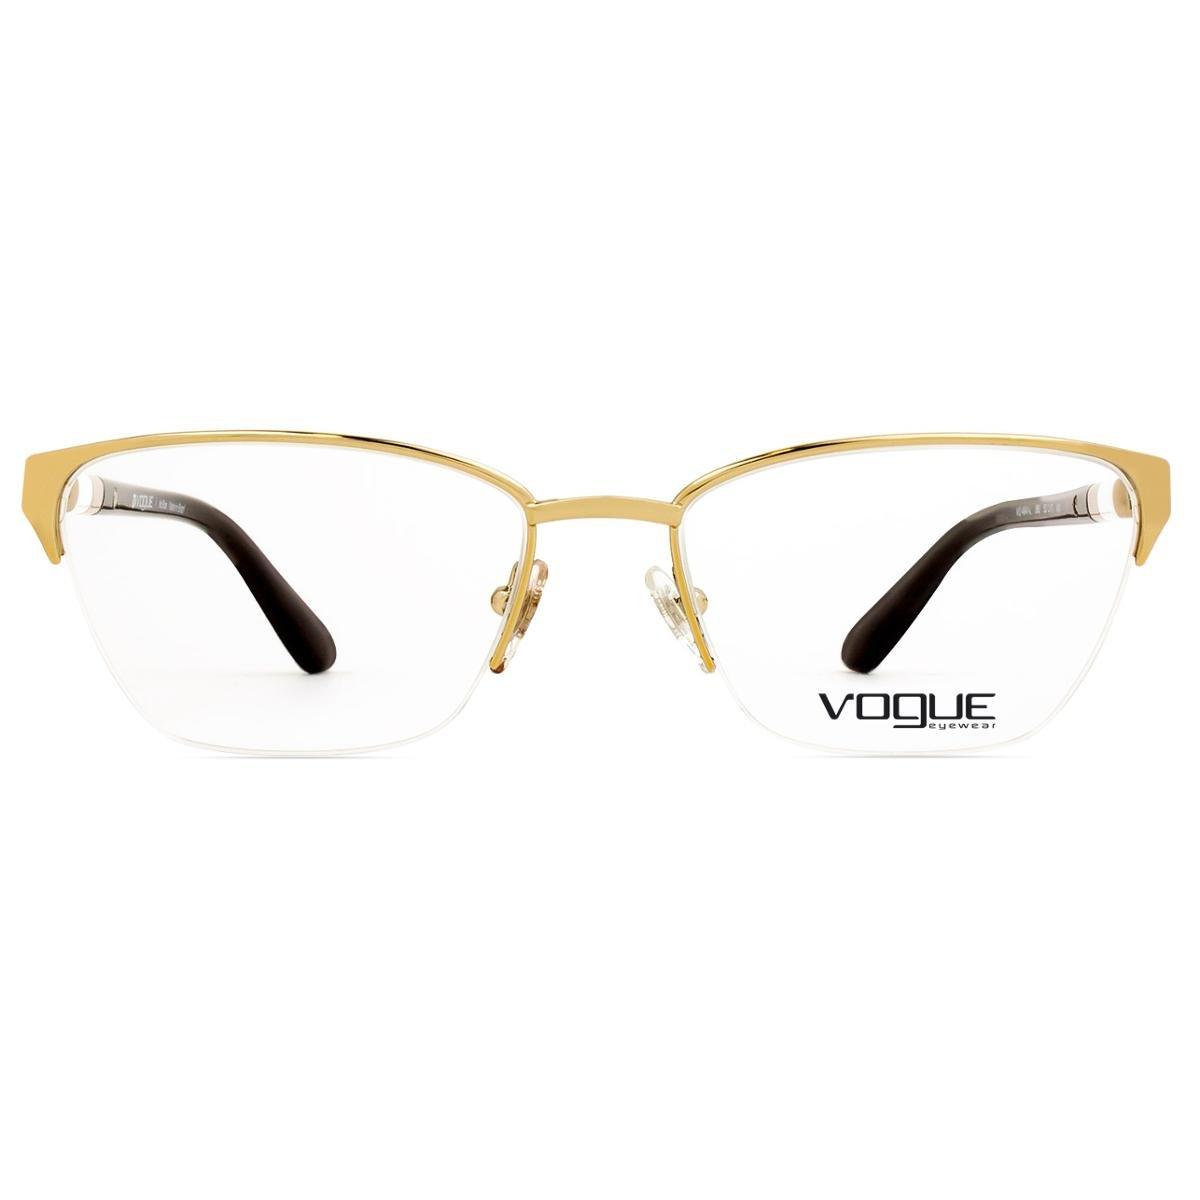 f1cae14458bec Armação Óculos de Grau Vogue Ocean Knot VO4041L 280-53 - Compre ...